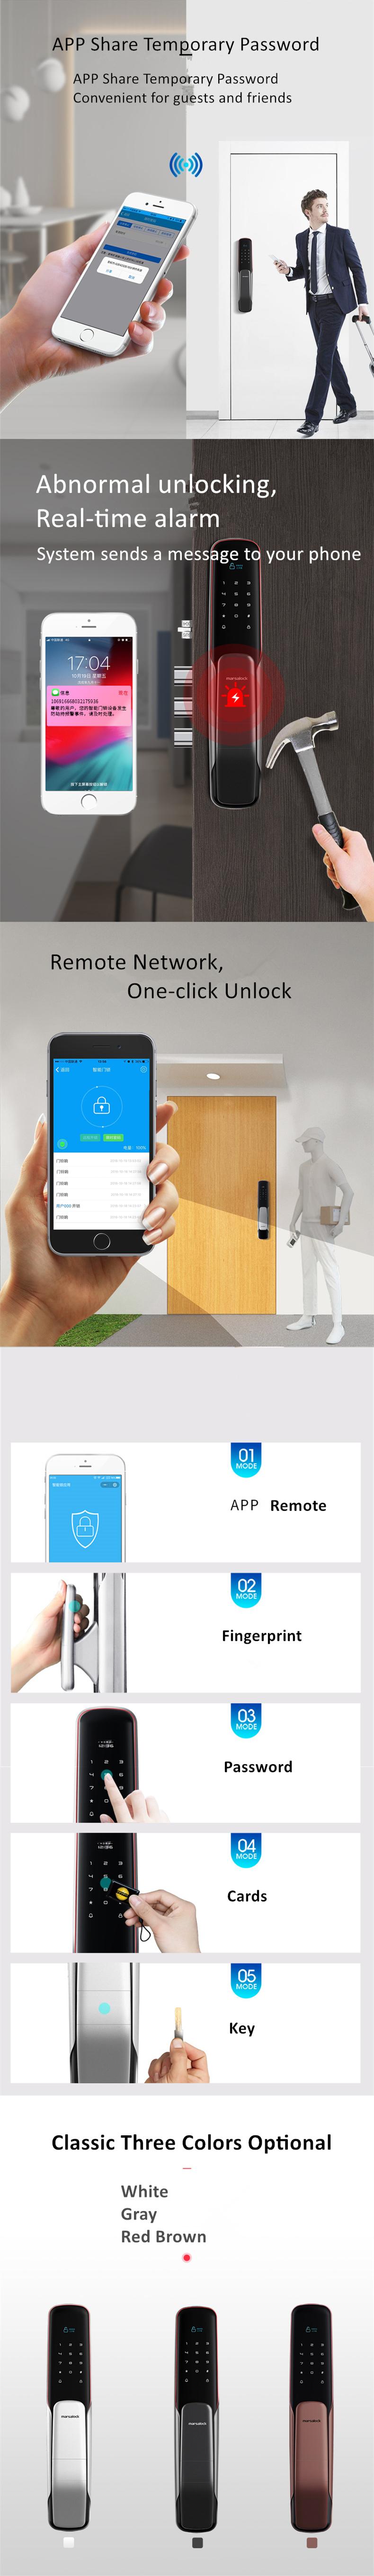 ลายนิ้วมือ / รหัสผ่าน / บัตรแม่เหล็ก / สนับสนุนคีย์บริการ OEM / ODM CE ROHS สมาร์ทล็อคประตู